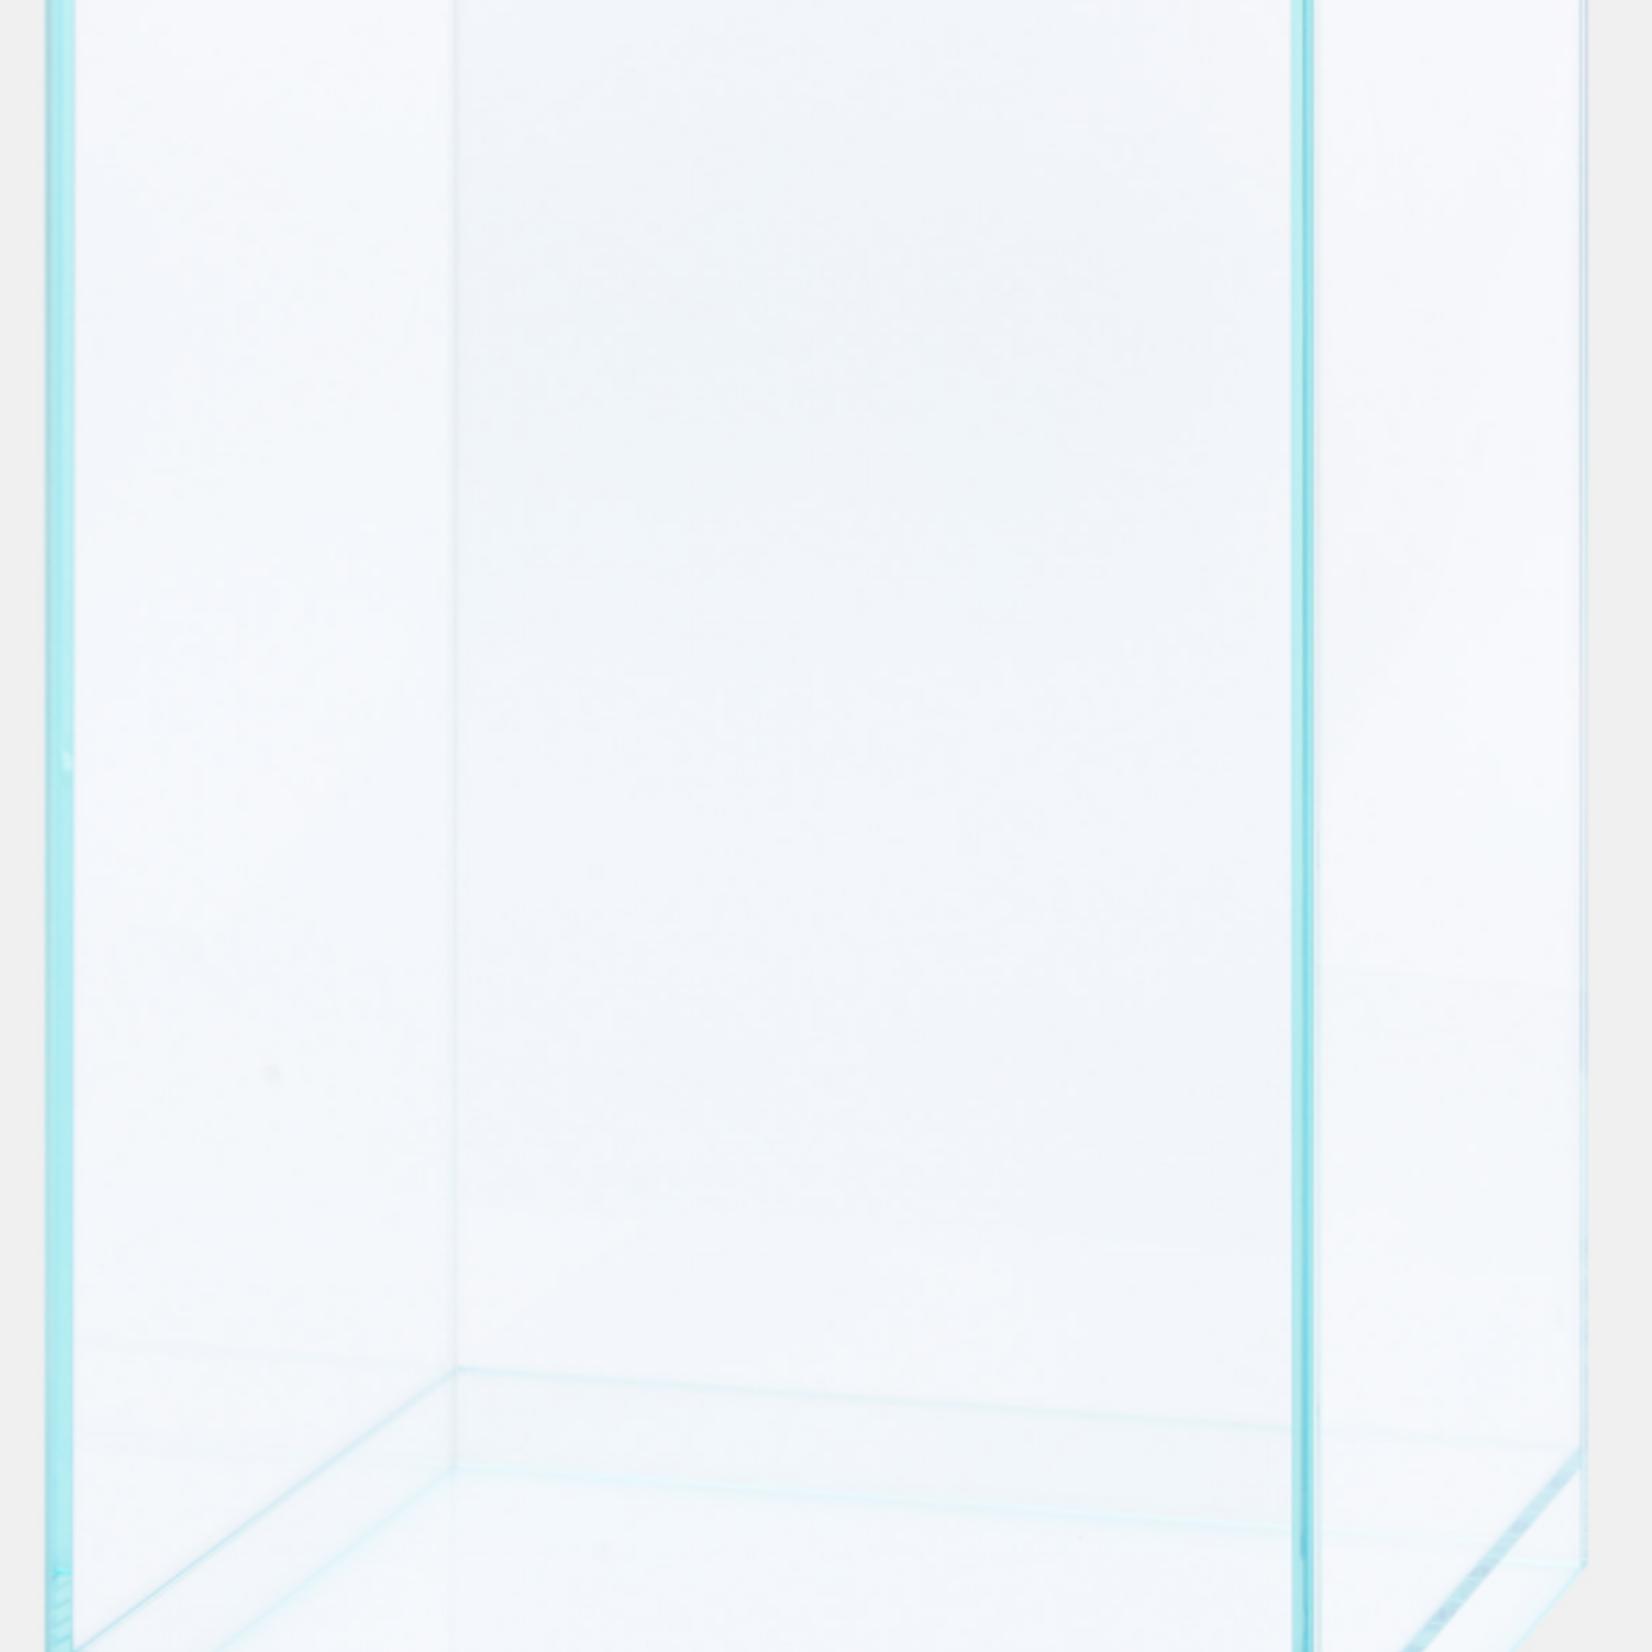 DOOA Neo Glass AIR